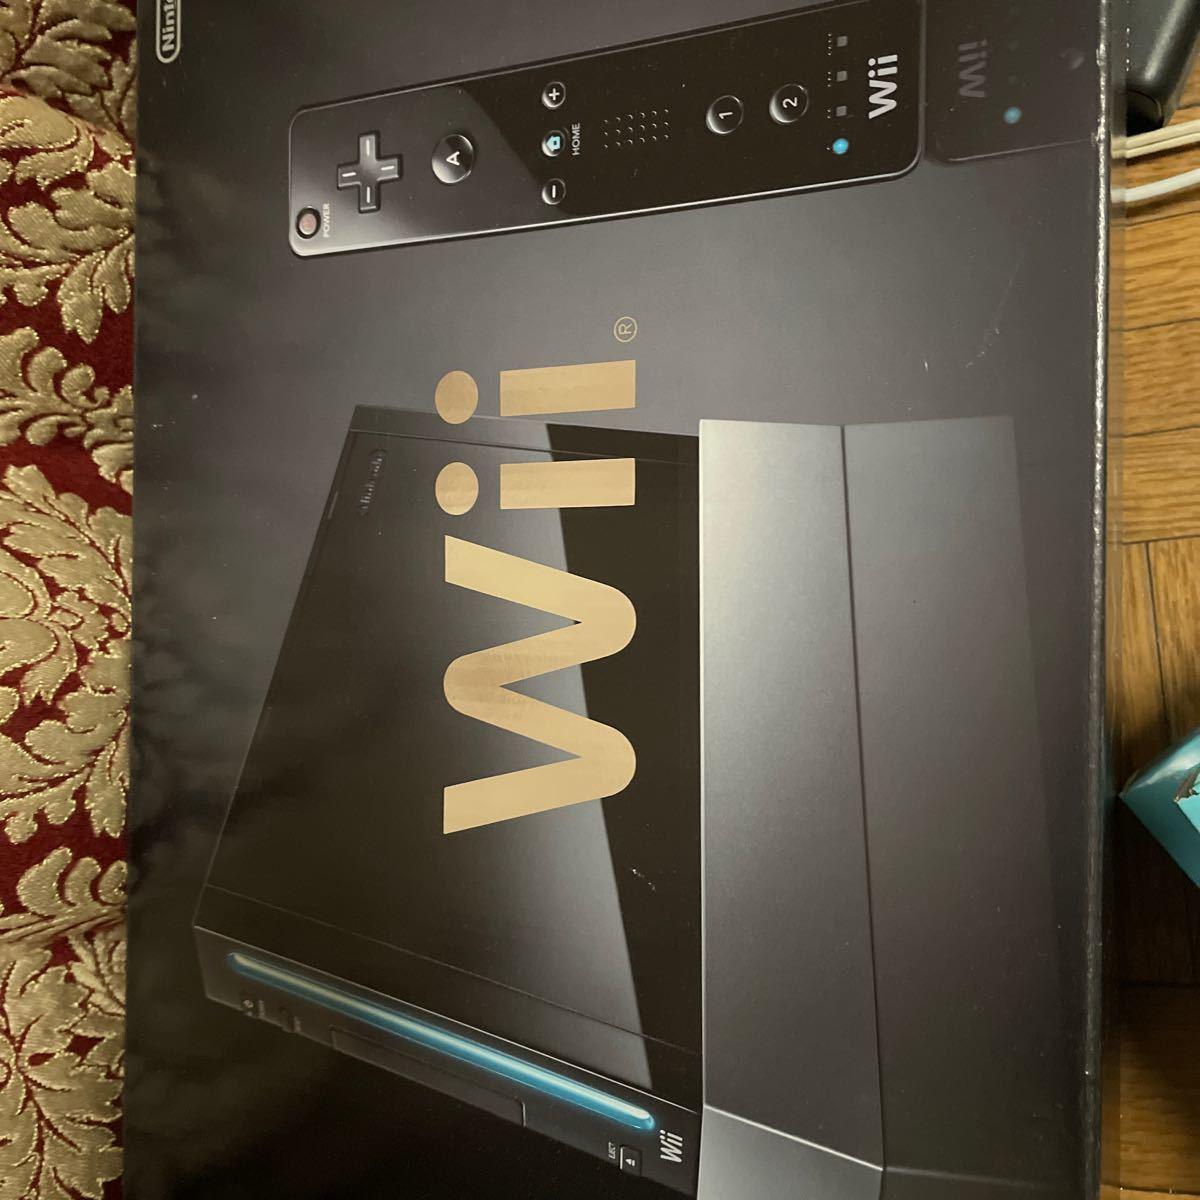 ニンテンドーWii 任天堂 クロ Wii